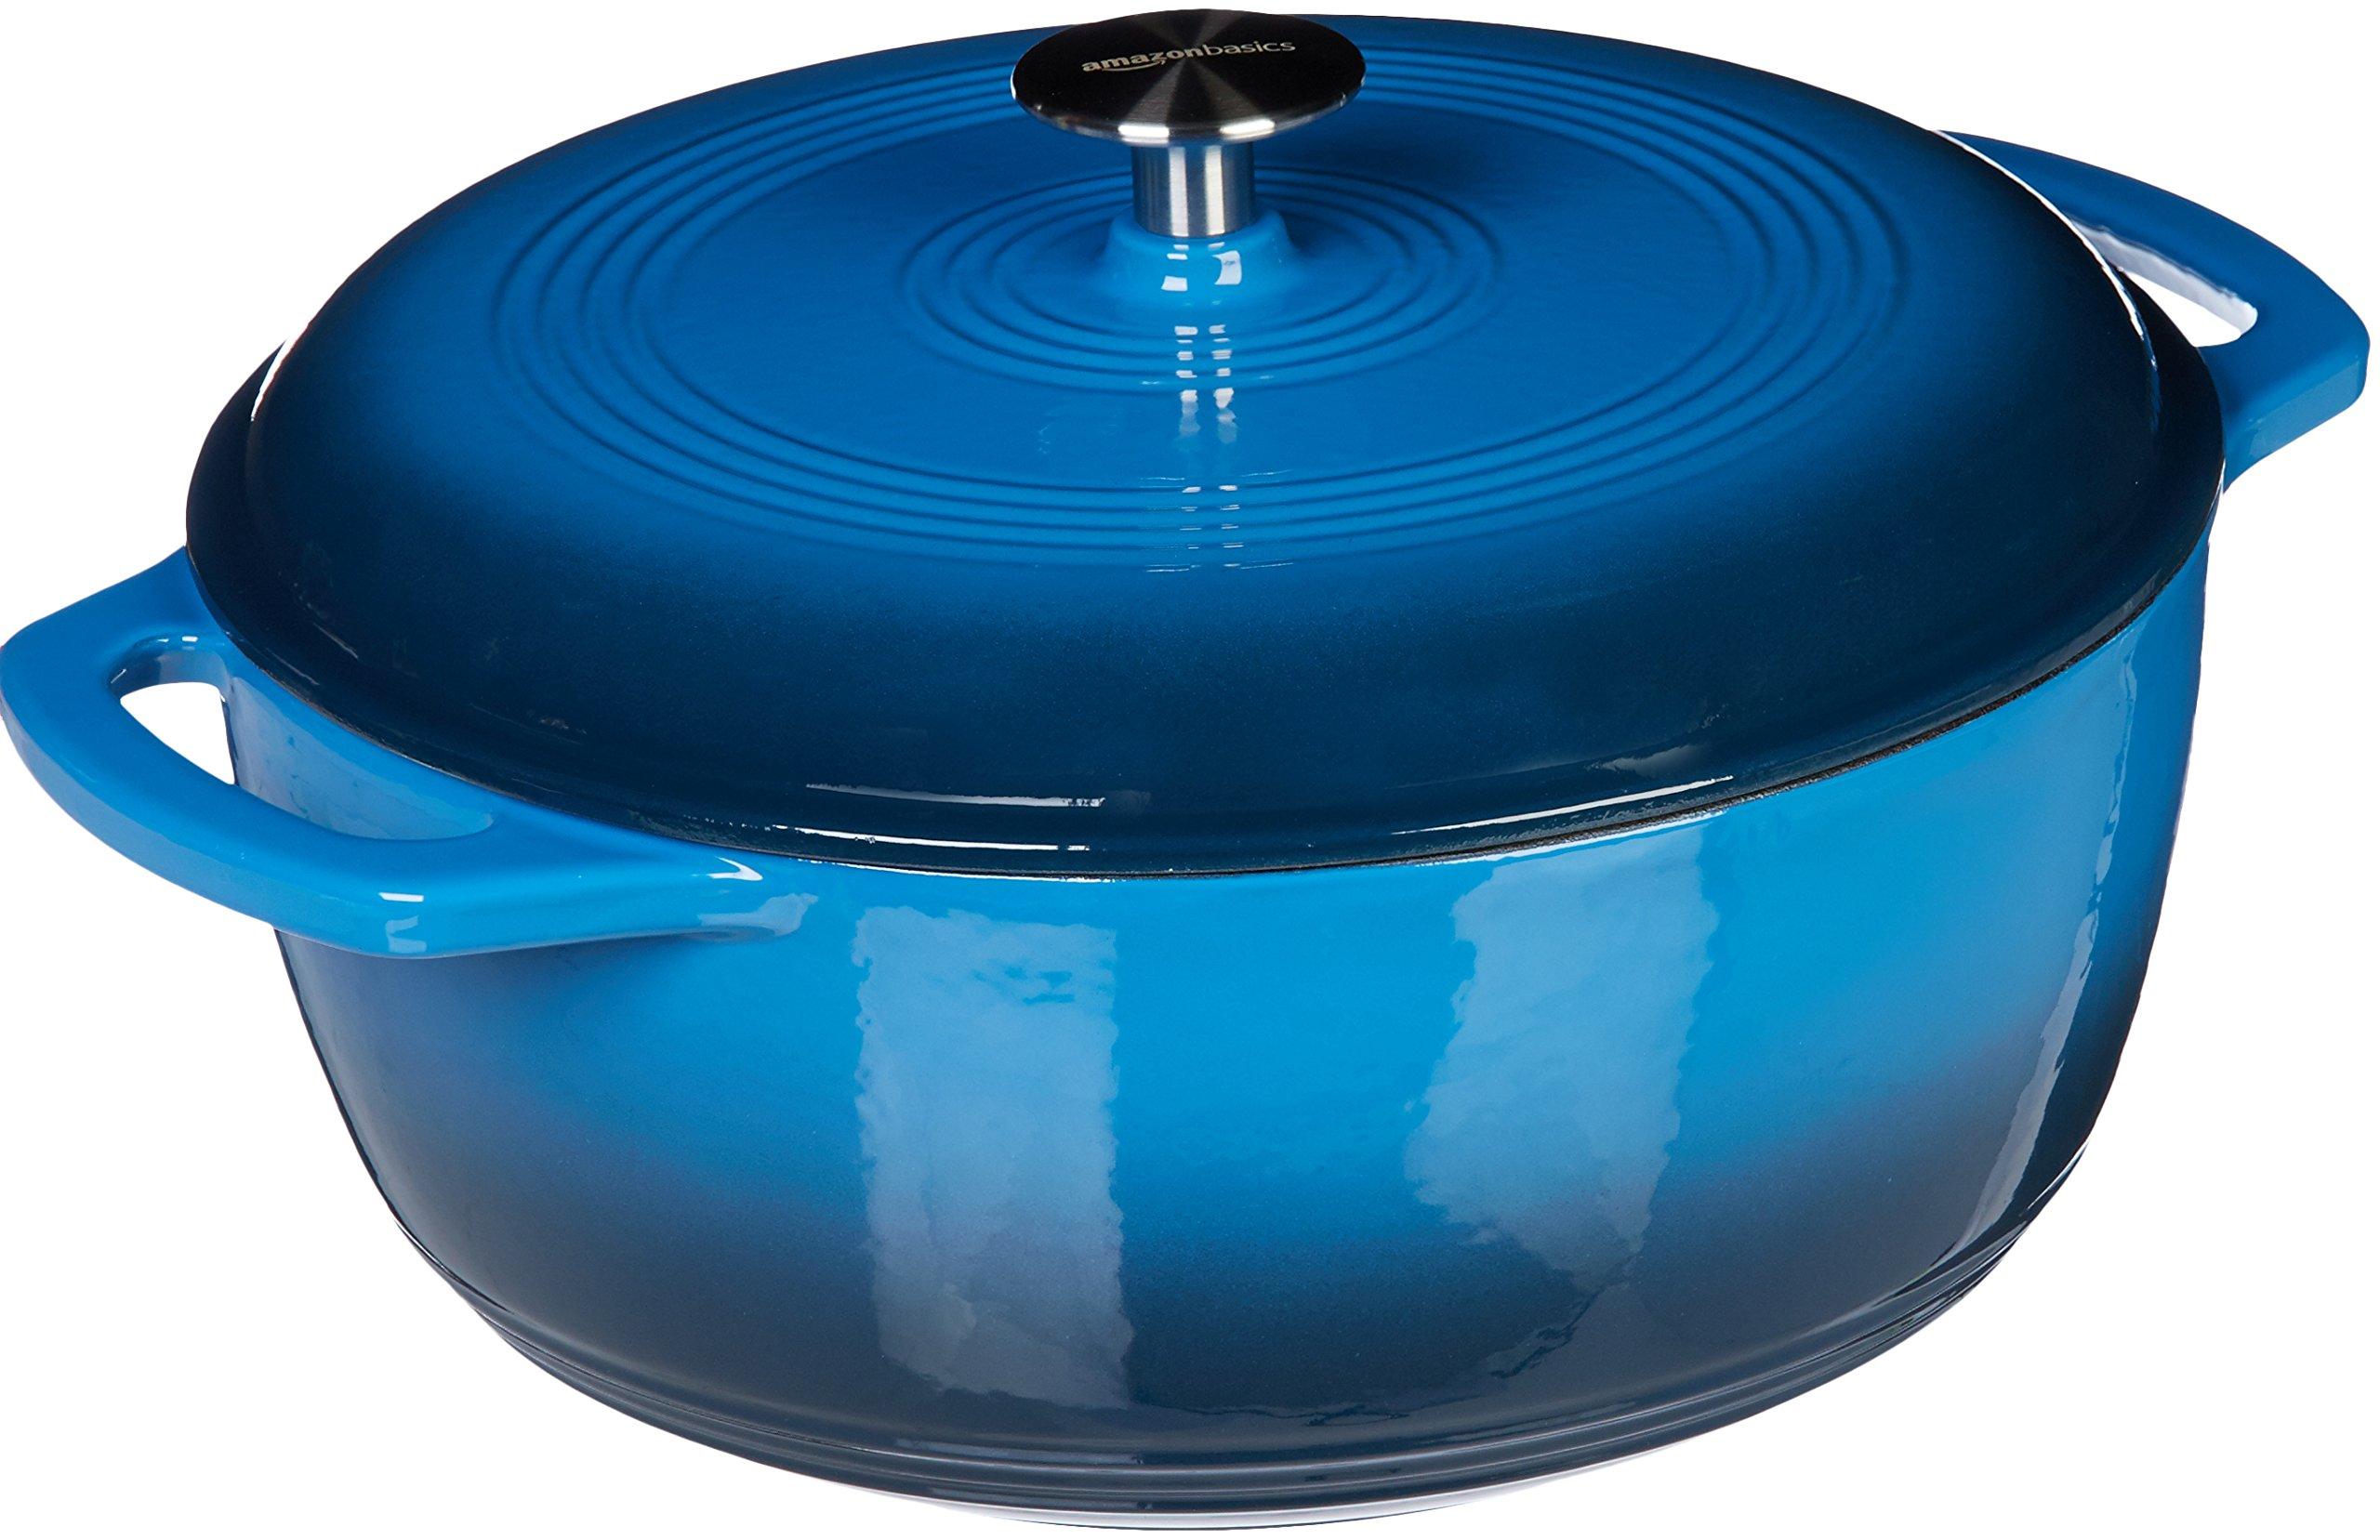 AmazonBasics Enameled Cast Iron Covered Dutch Oven, 7.5-Quart, Blue